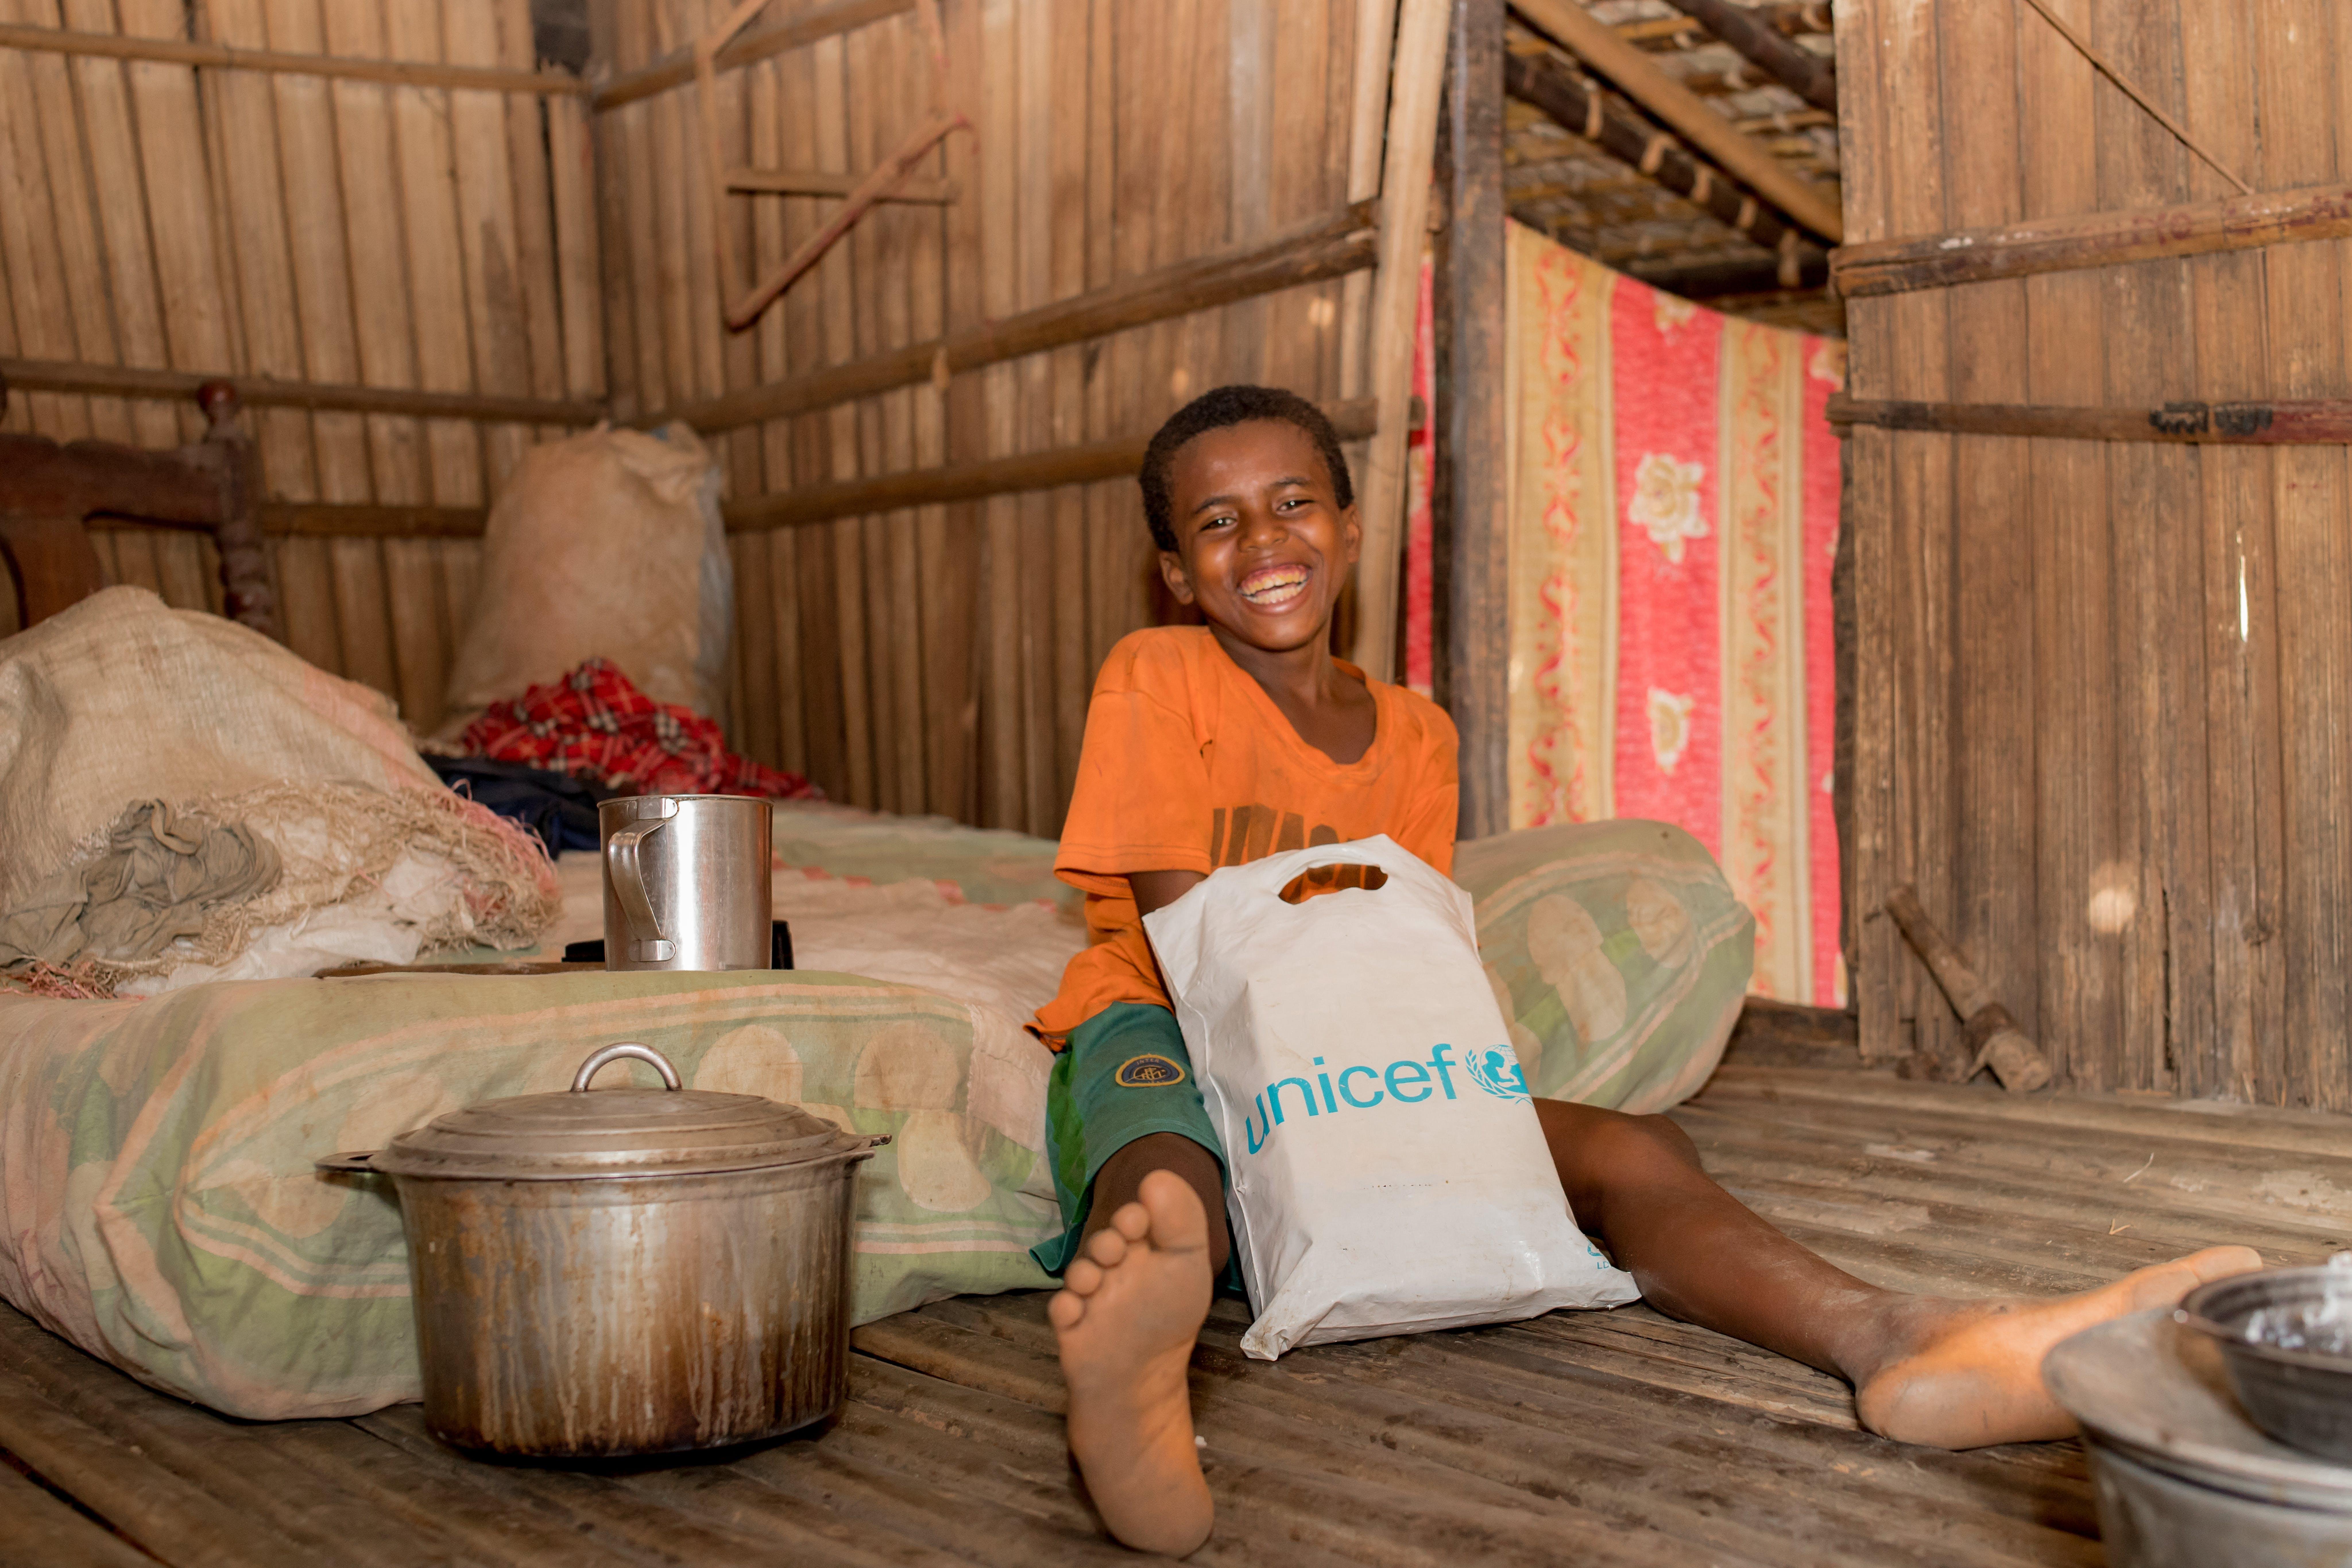 Dolys, 11 anni, vive con suo nonno in un villaggio a 91 chilometri dalla città costiera di Mahajanga, in Madagascar. E' stato costretto a lasciare la sua casa dopo tre giorni di piogge torrenziali, ma grazie all'intervento dell'UNICEF ha trovato un rifugio